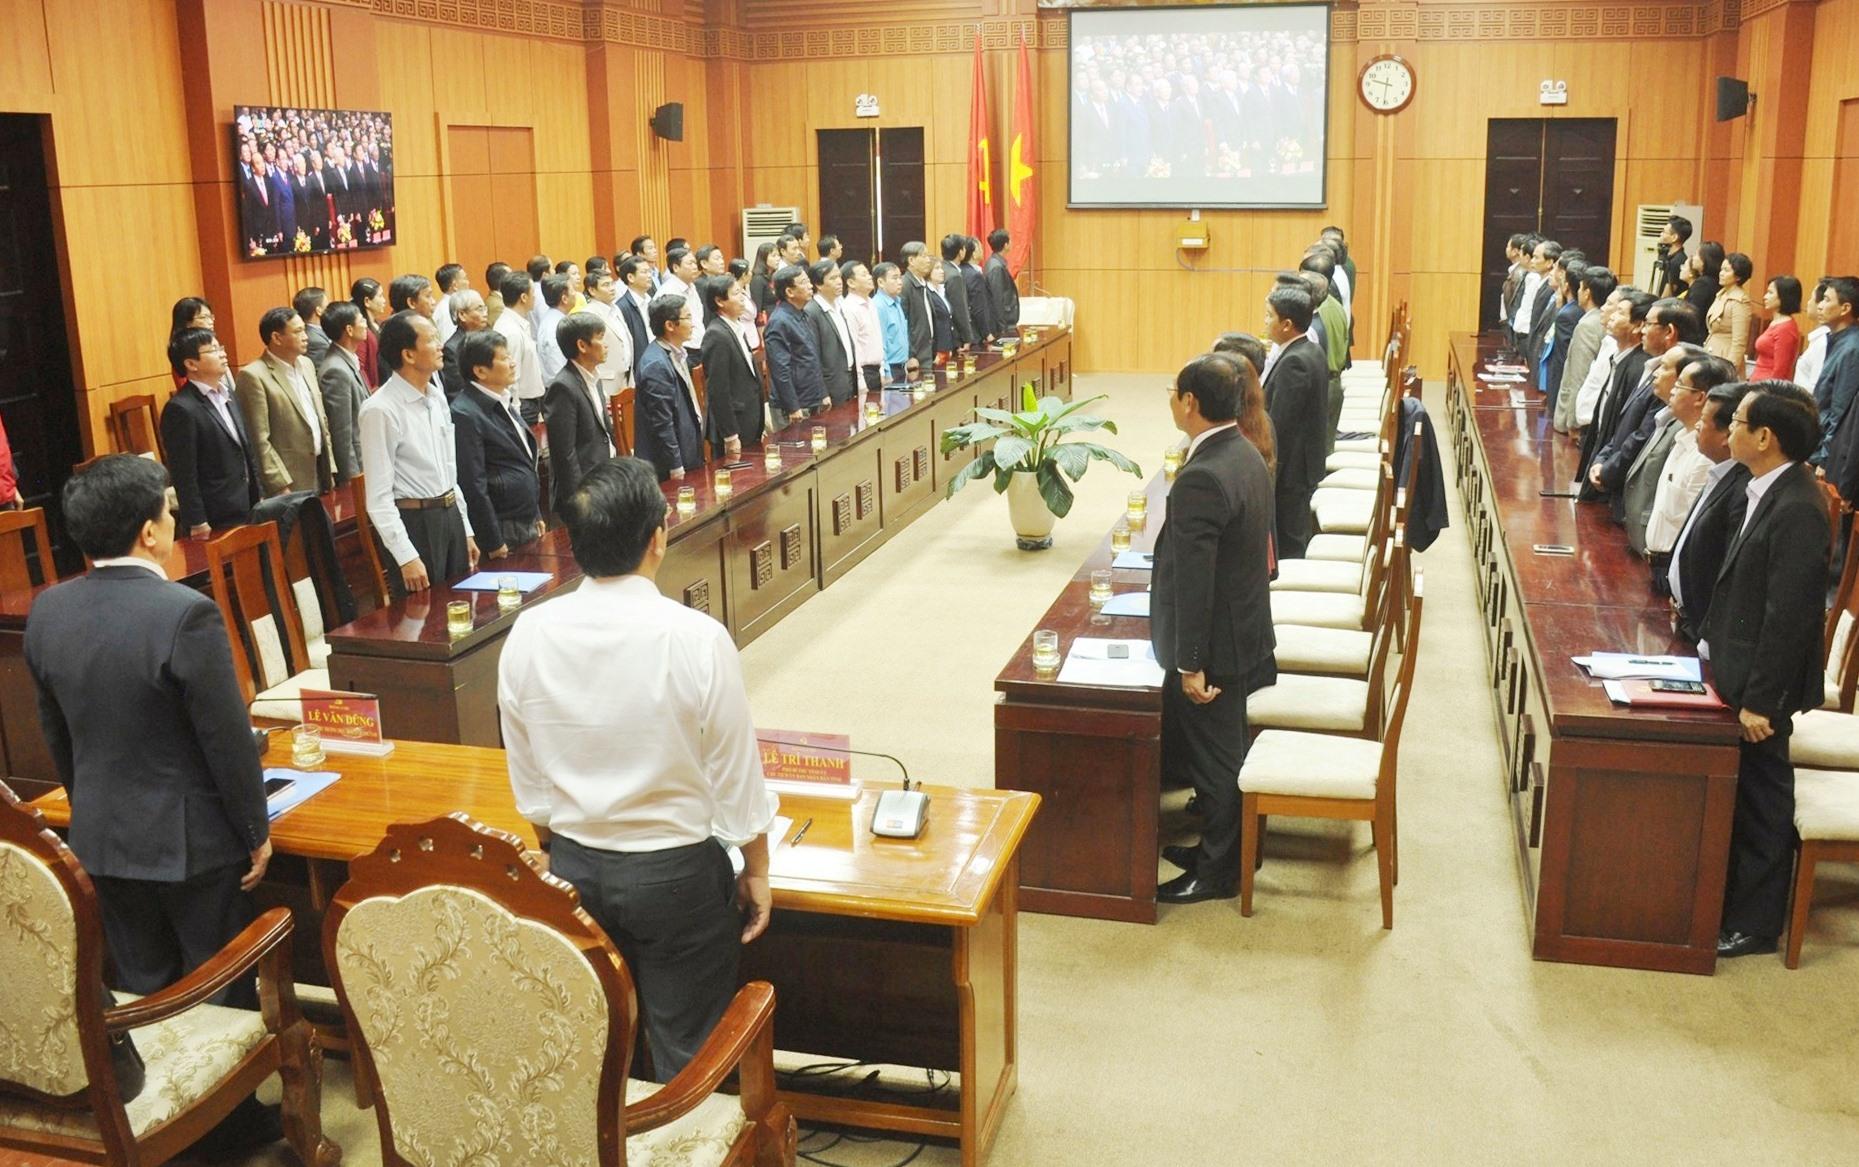 Tổ chức trọng thể Lễ kỷ niệm cấp quốc gia 90 năm thành lập Đảng